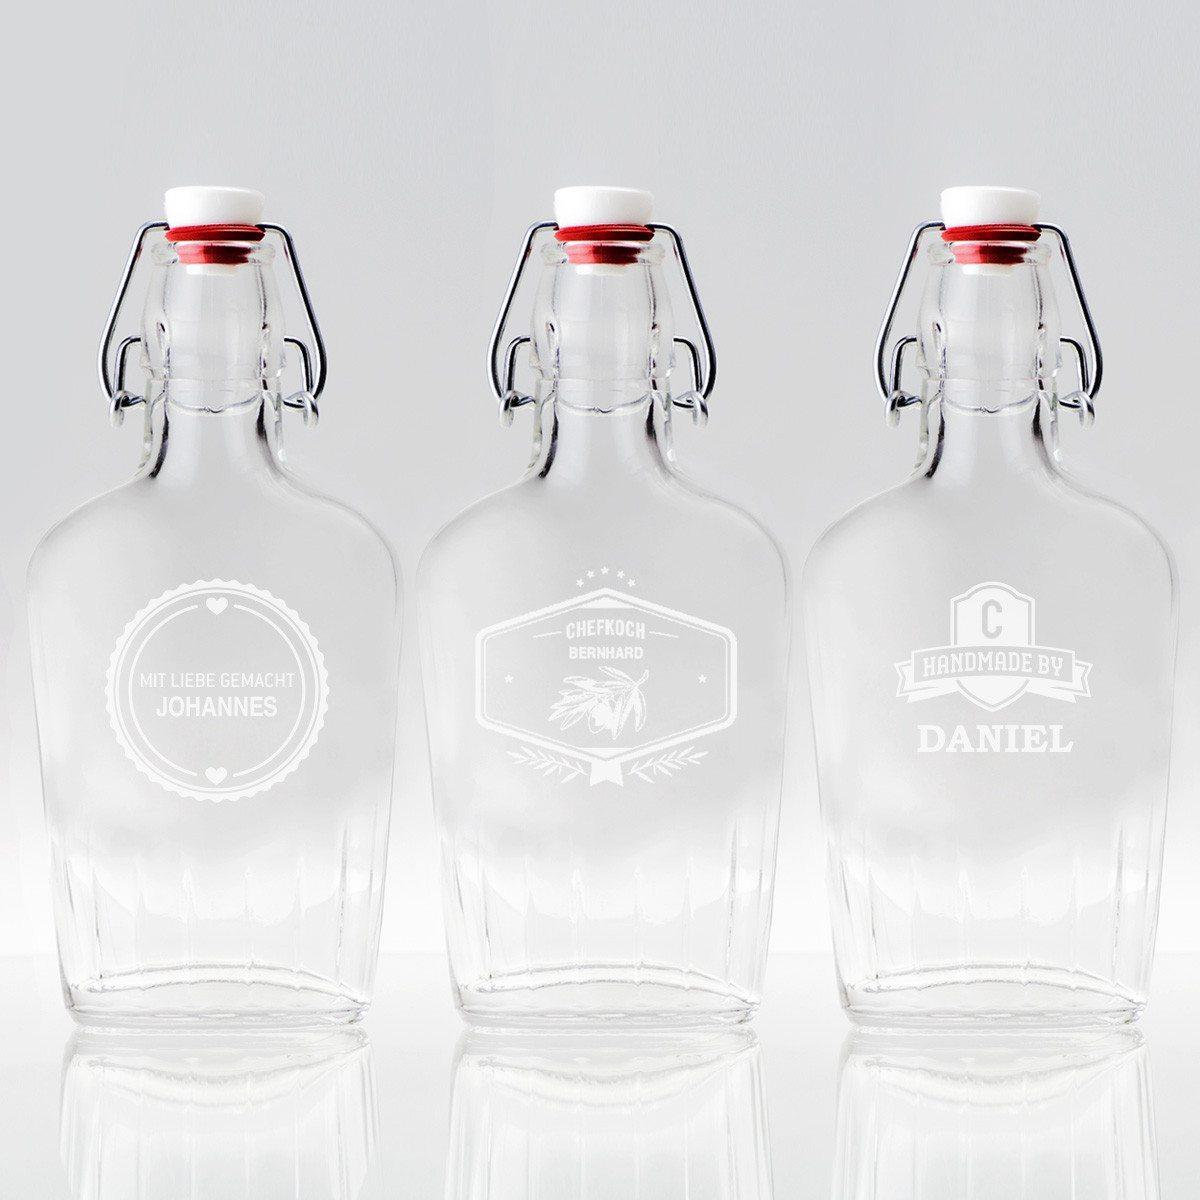 Botella de bolsillo personalizada 0.25l - Bebe con estilo propio